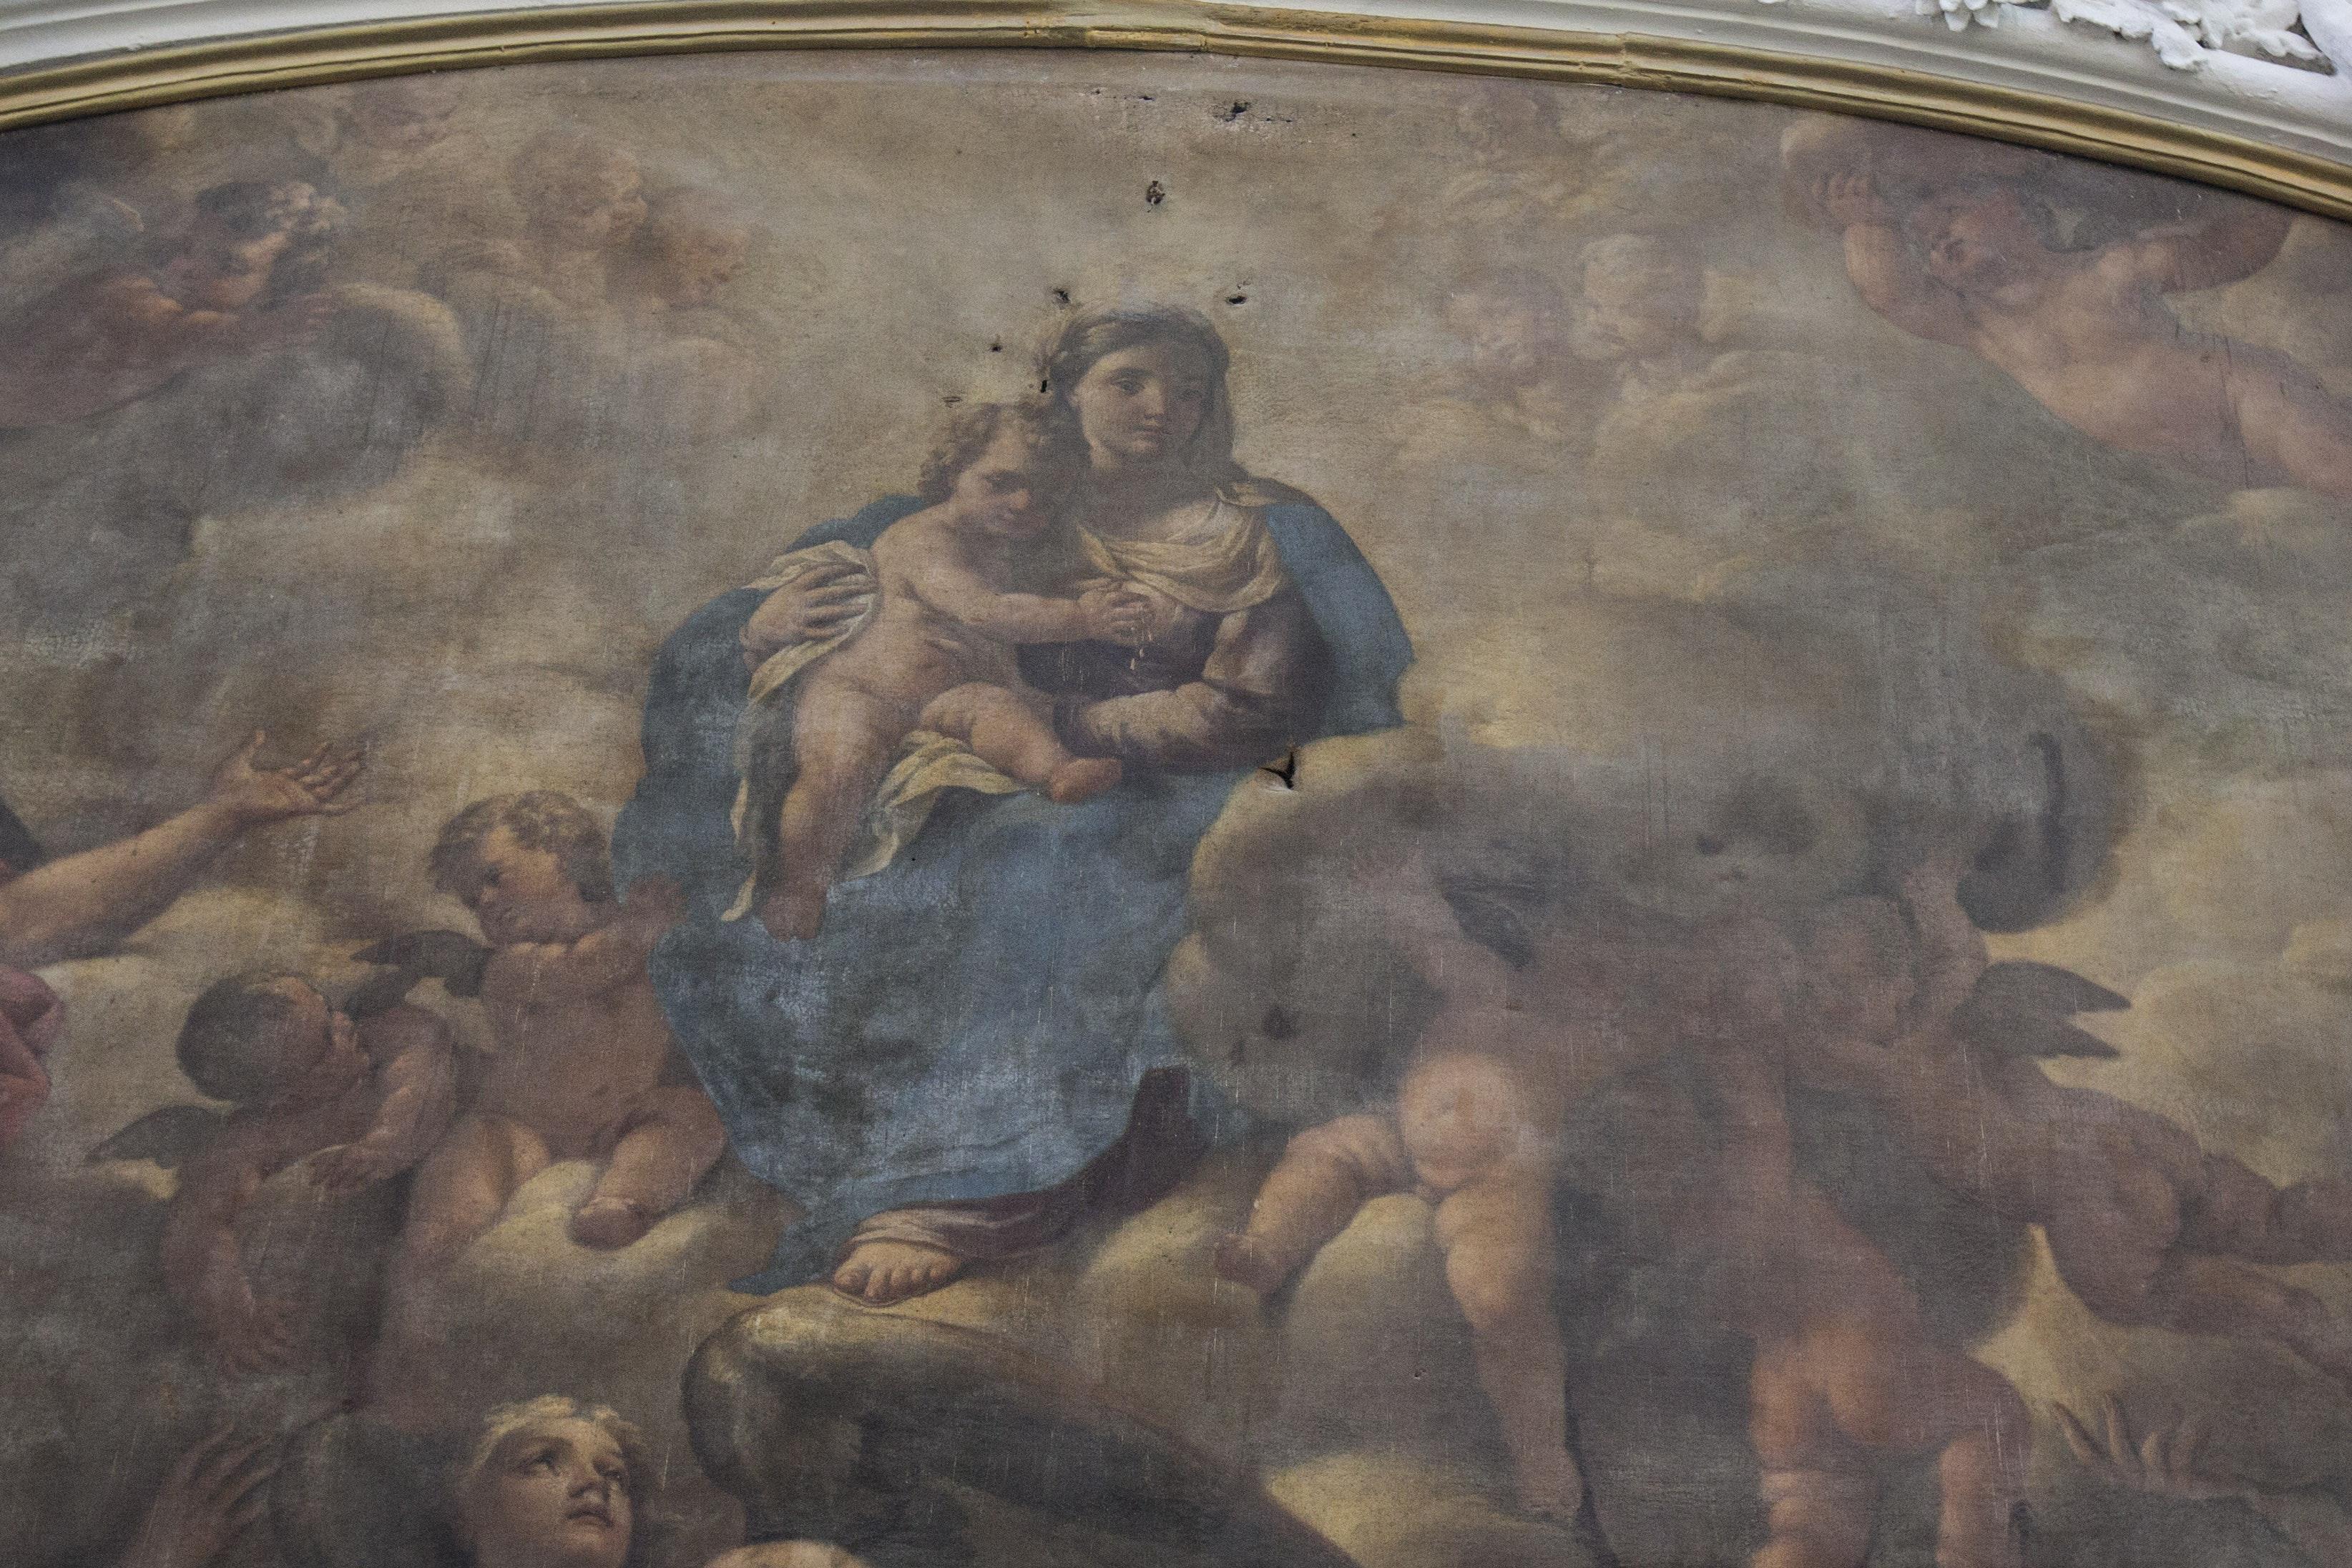 Chiesa di Santa Maria delle Grazie a Calvizzano, CHIESA SANTA MARIA DELLE GRAZIE - PARROCCHIA DI SAN GIACOMO APOSTOLO, CALVIZZANO, NAPOLI